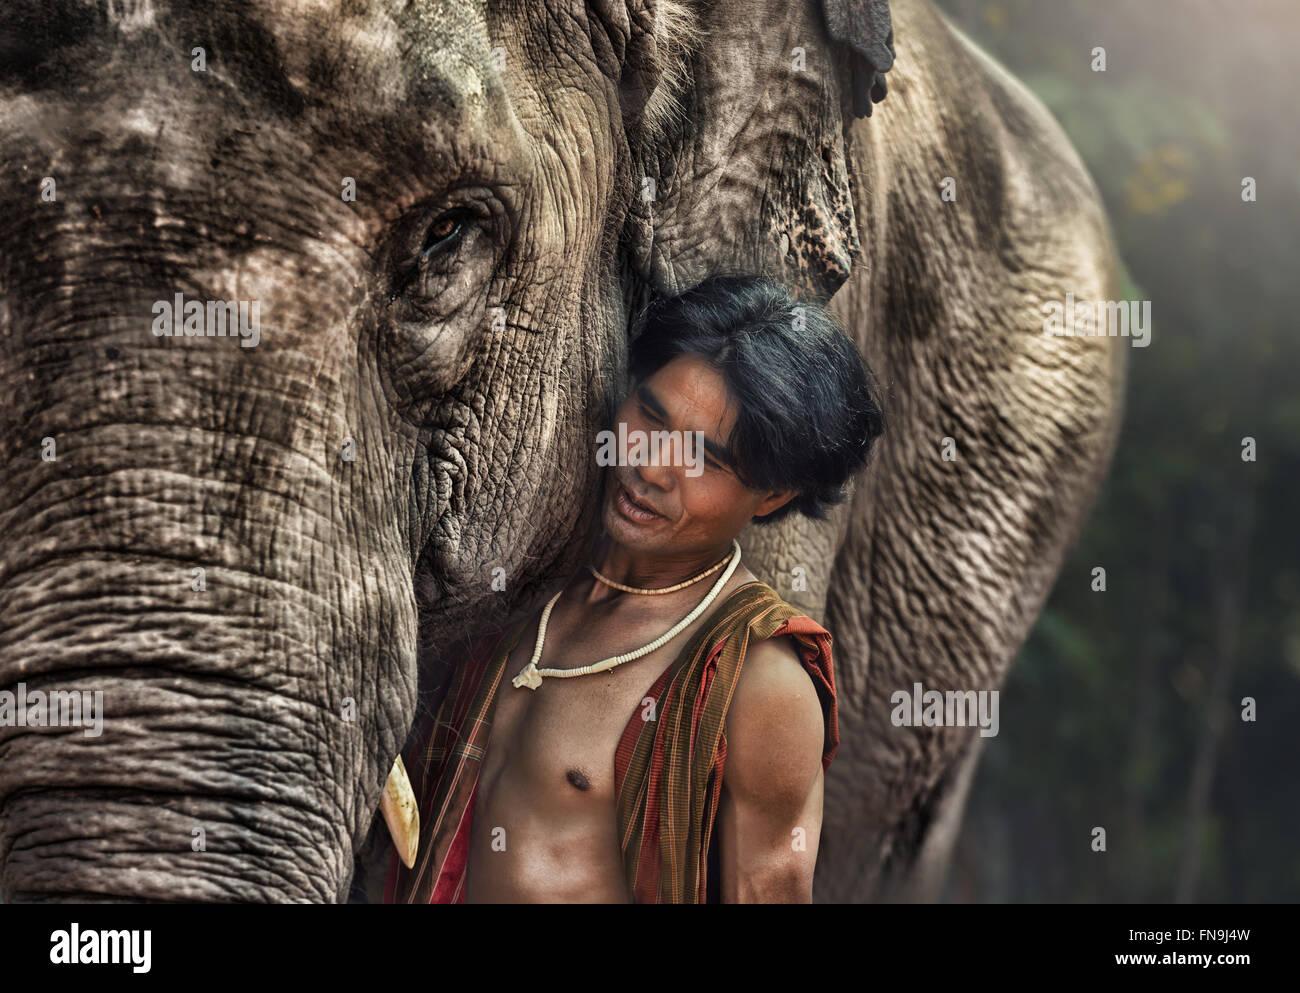 Hombre de cornaca con elefantes Imagen De Stock